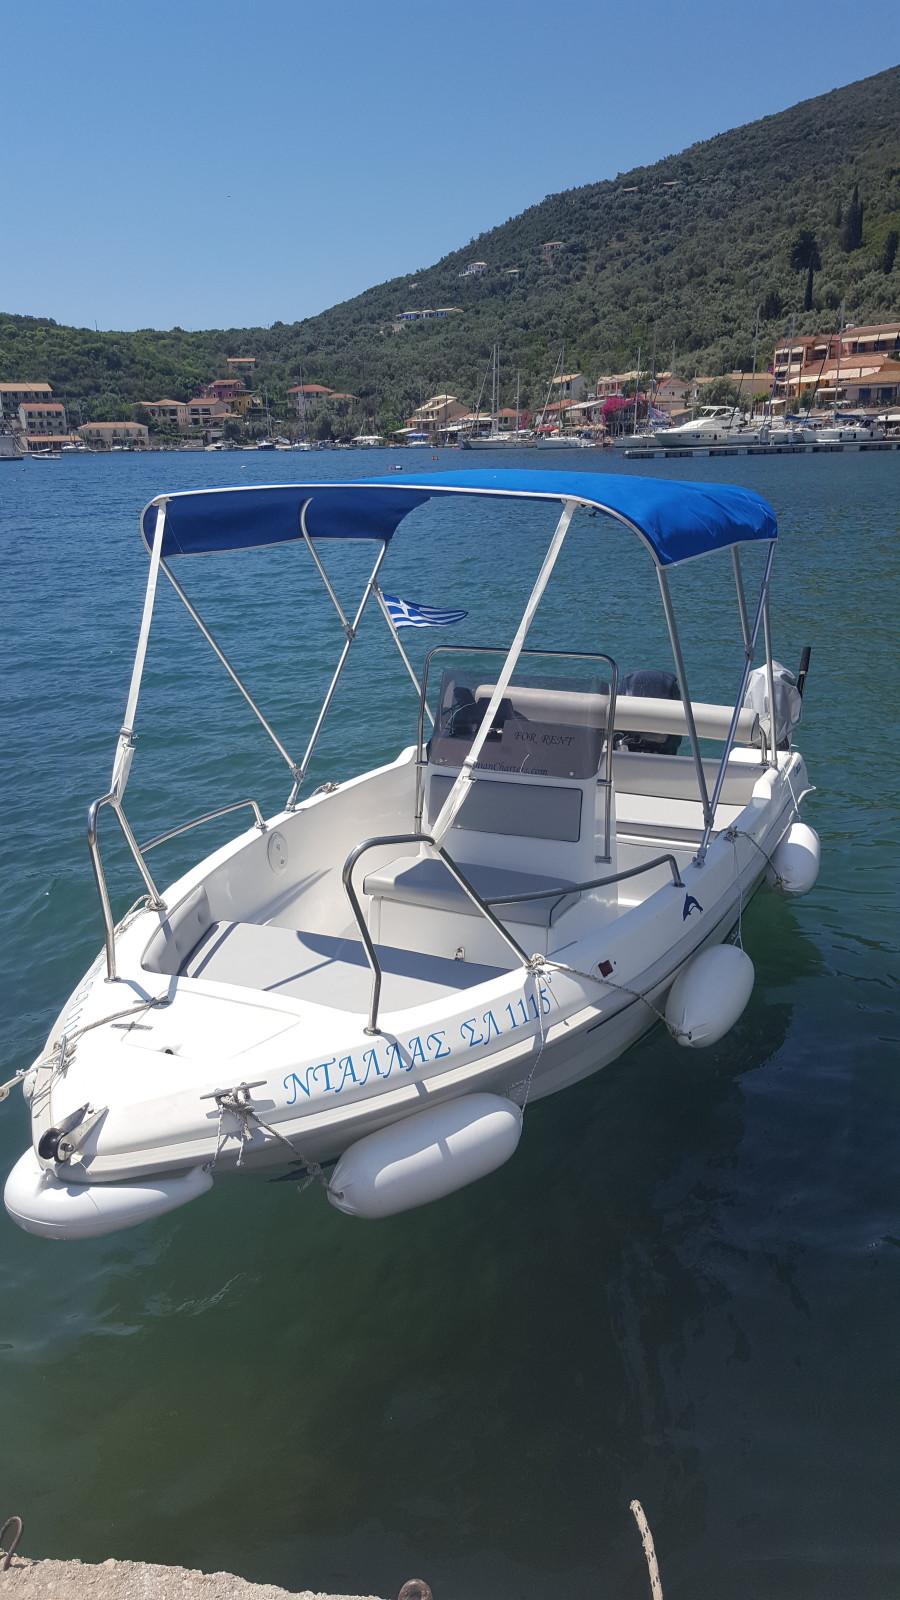 dallas speed boat for hire in sivota lefkada in sivota lefkada